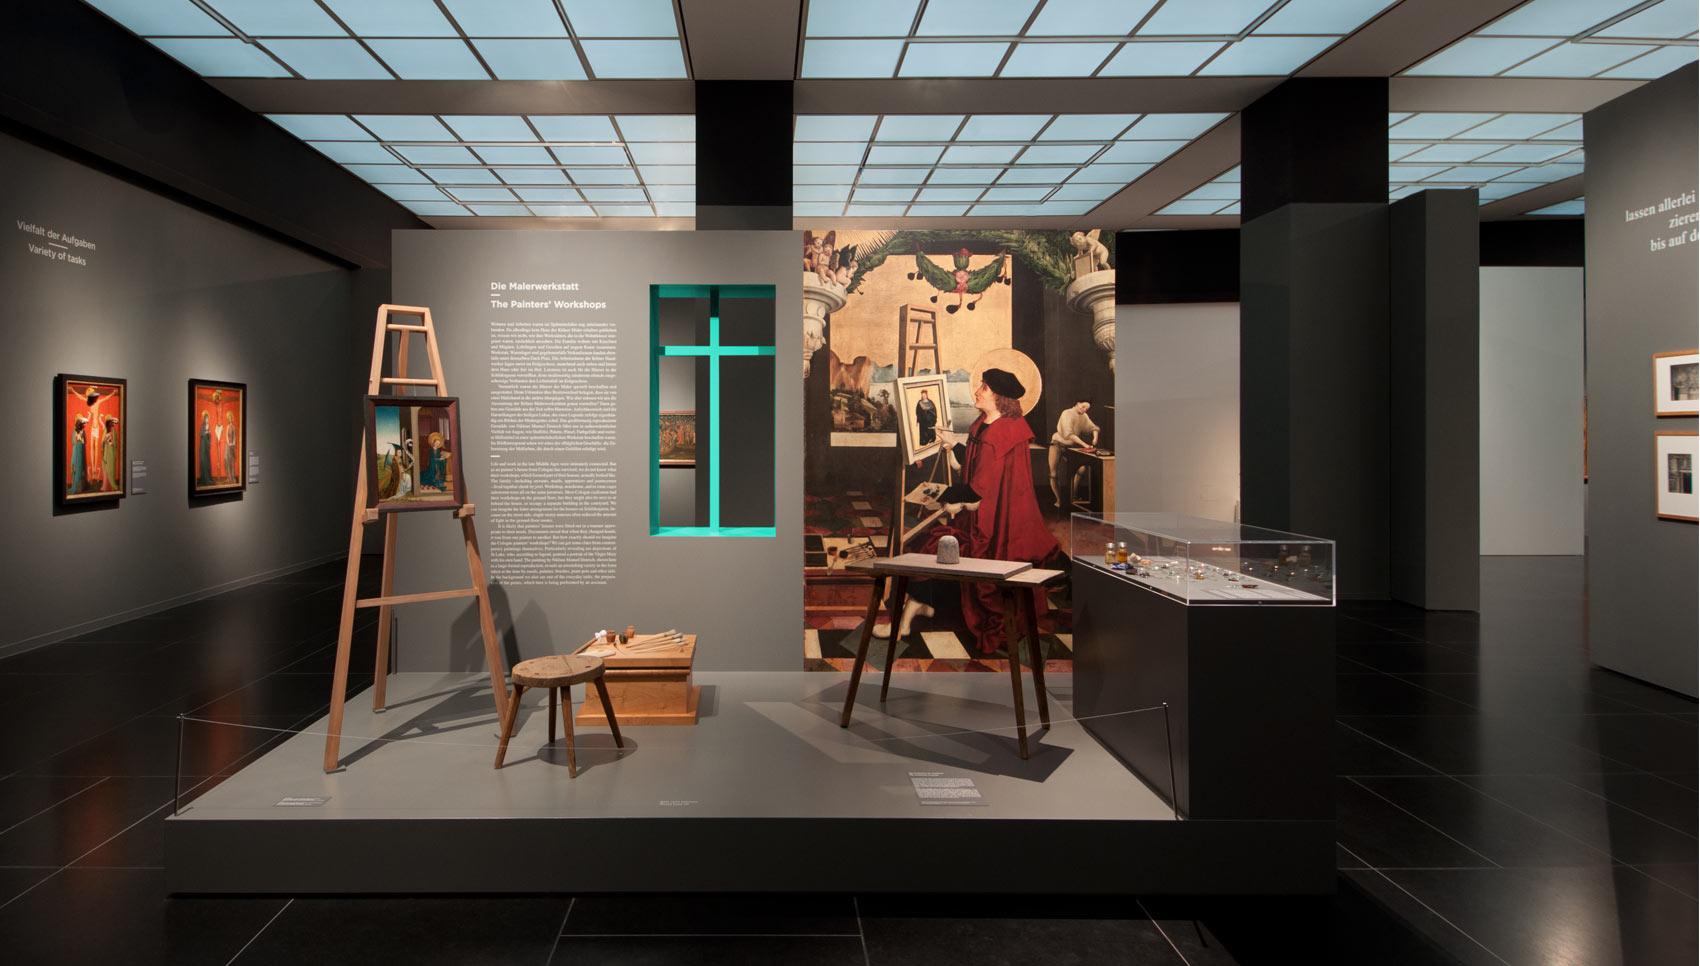 Geheimnisse der Maler Kln im Mittelalter - koelnde